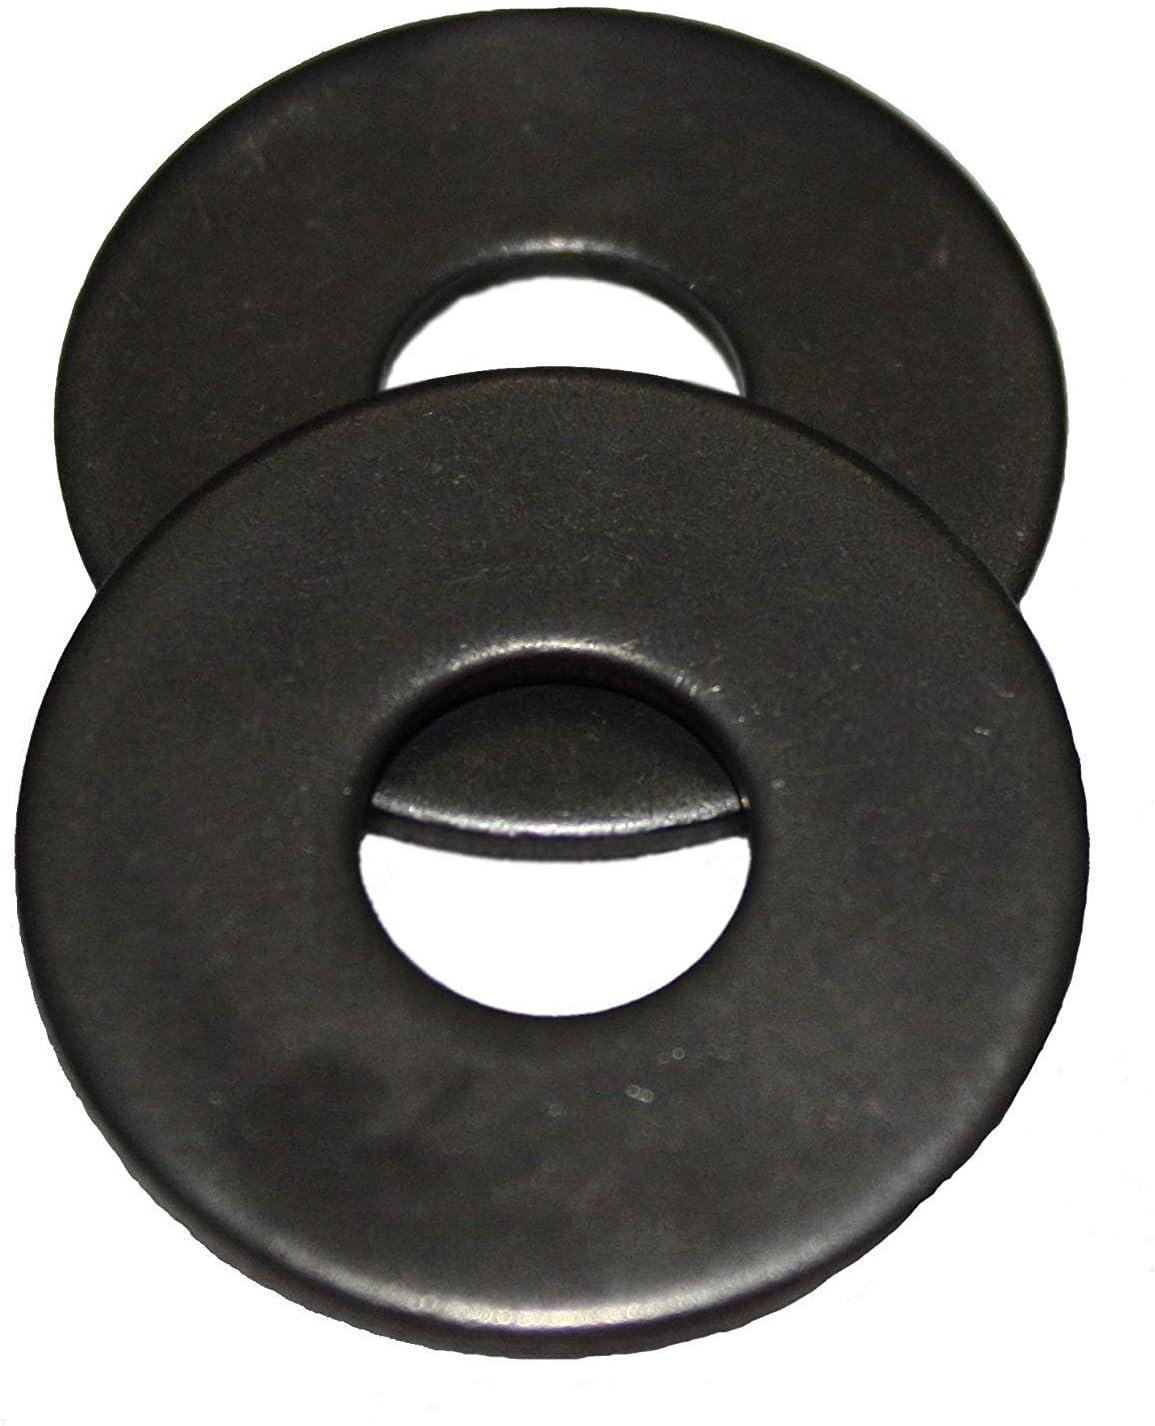 M10 M6 Schwarze Unterlegscheiben DIN 9021 Karosseriescheibe Edelstahl M3 M5 M4 10, M5 M8